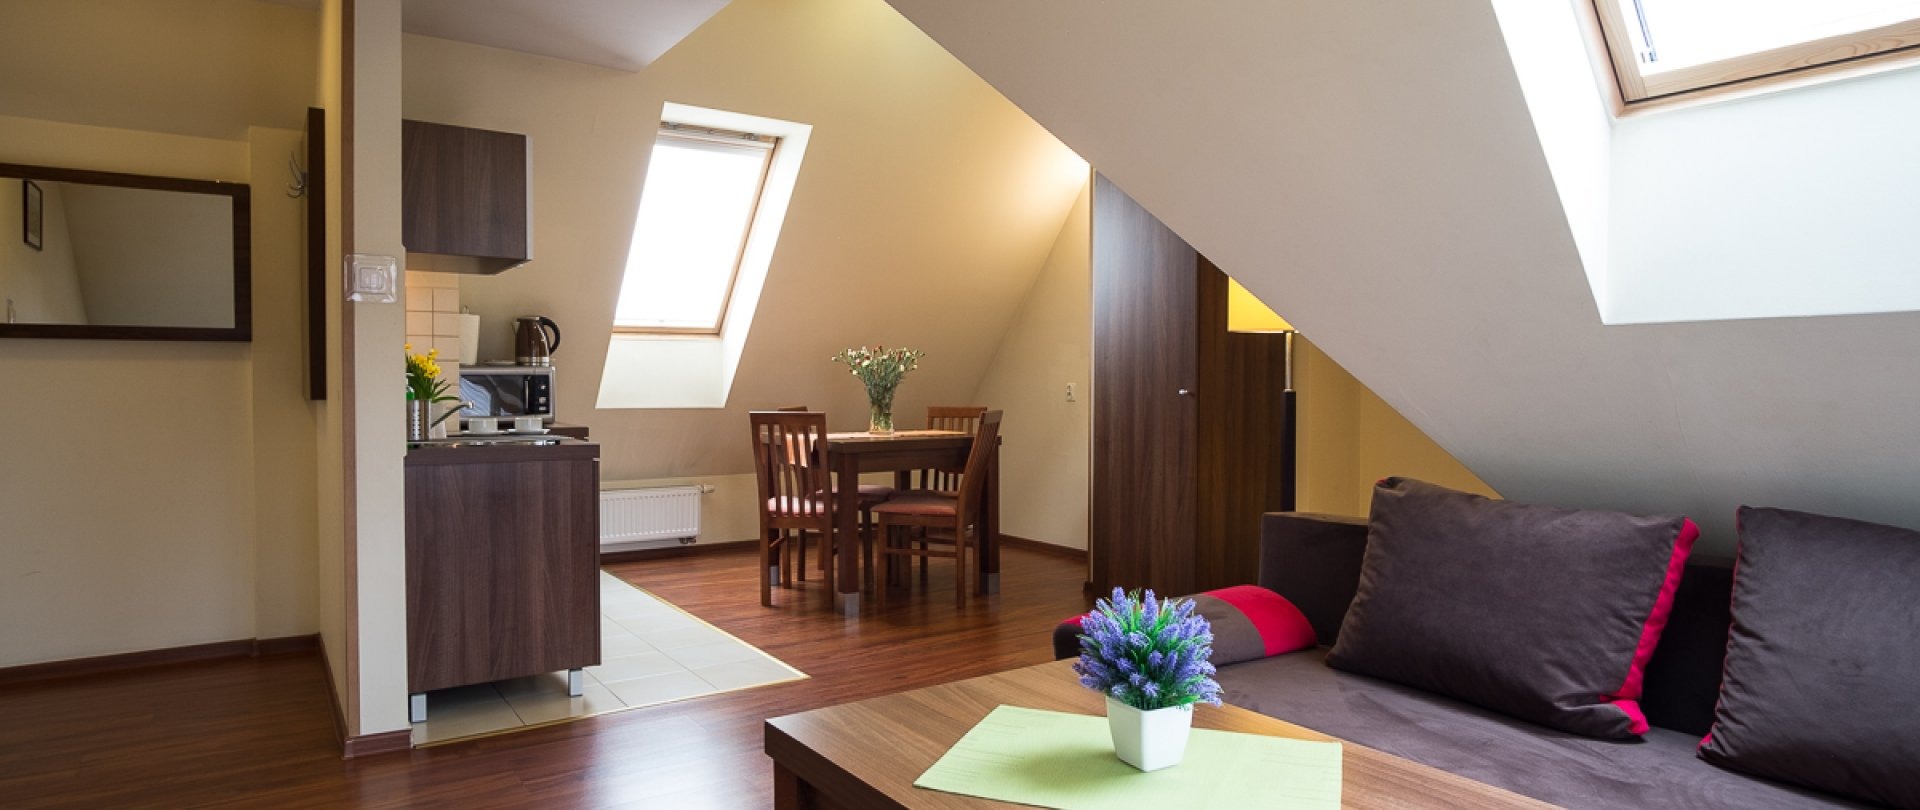 Apartament z jedną sypialnią TWIN